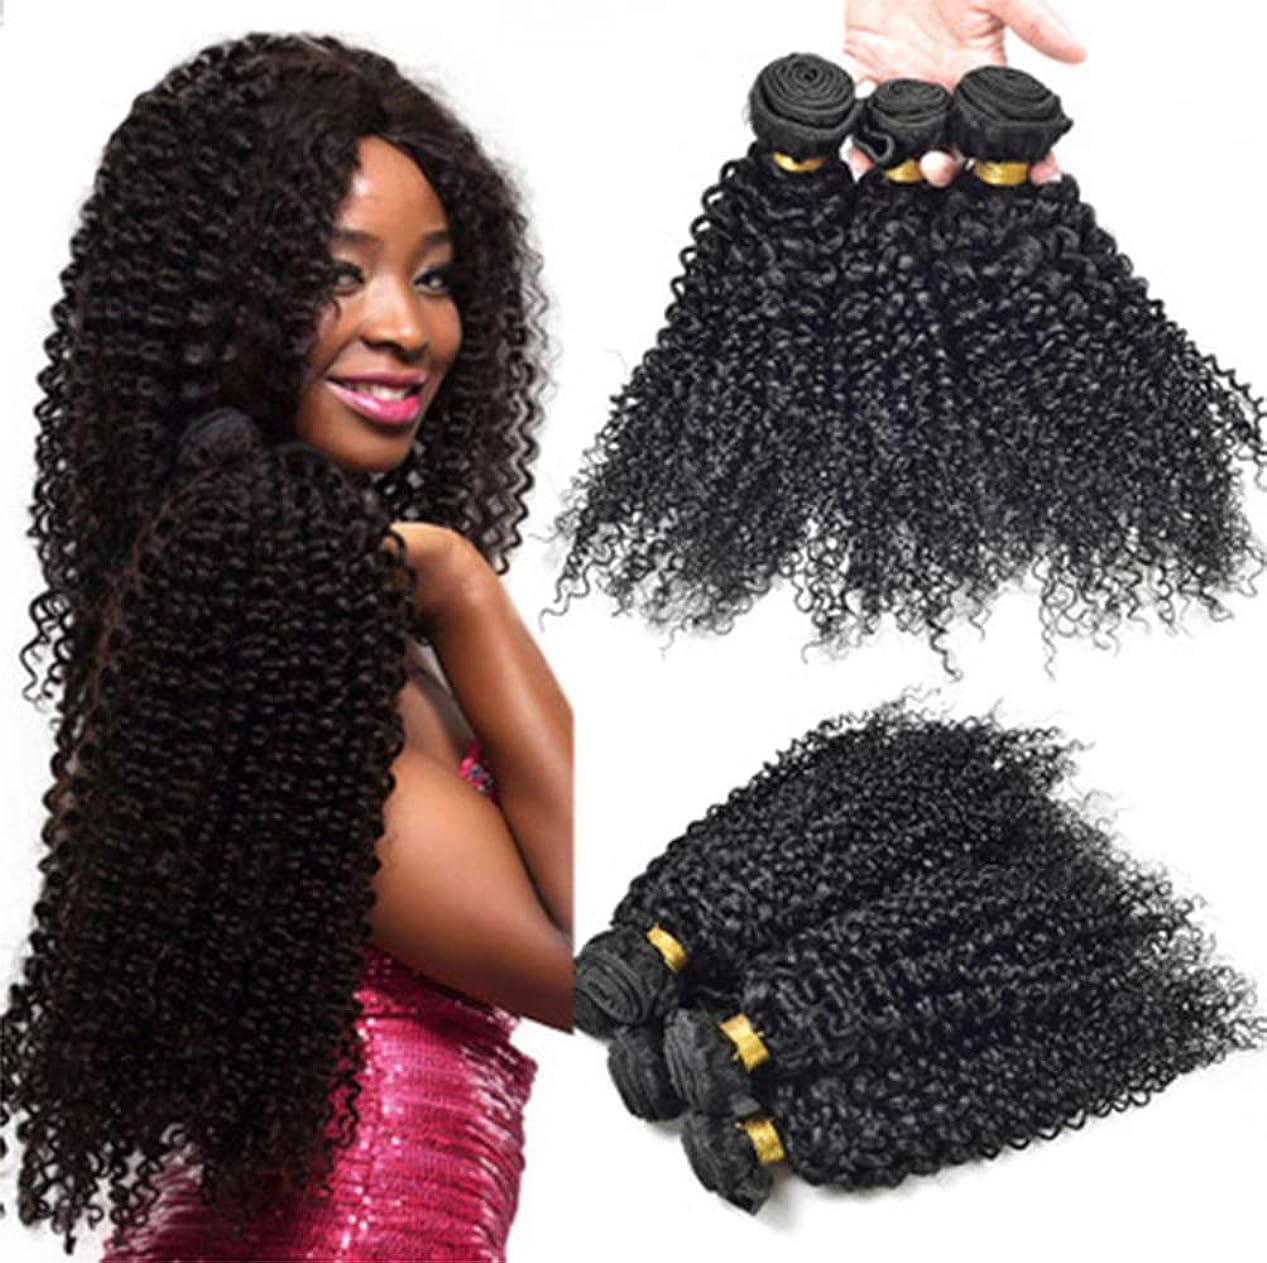 ヒゲクジラ絞るピカソ女性の髪織り密度150%1バンドルディープウェーブブラジルの人間の髪織りソフトディープカーリーバージンヘア横糸未処理のブラジルの髪